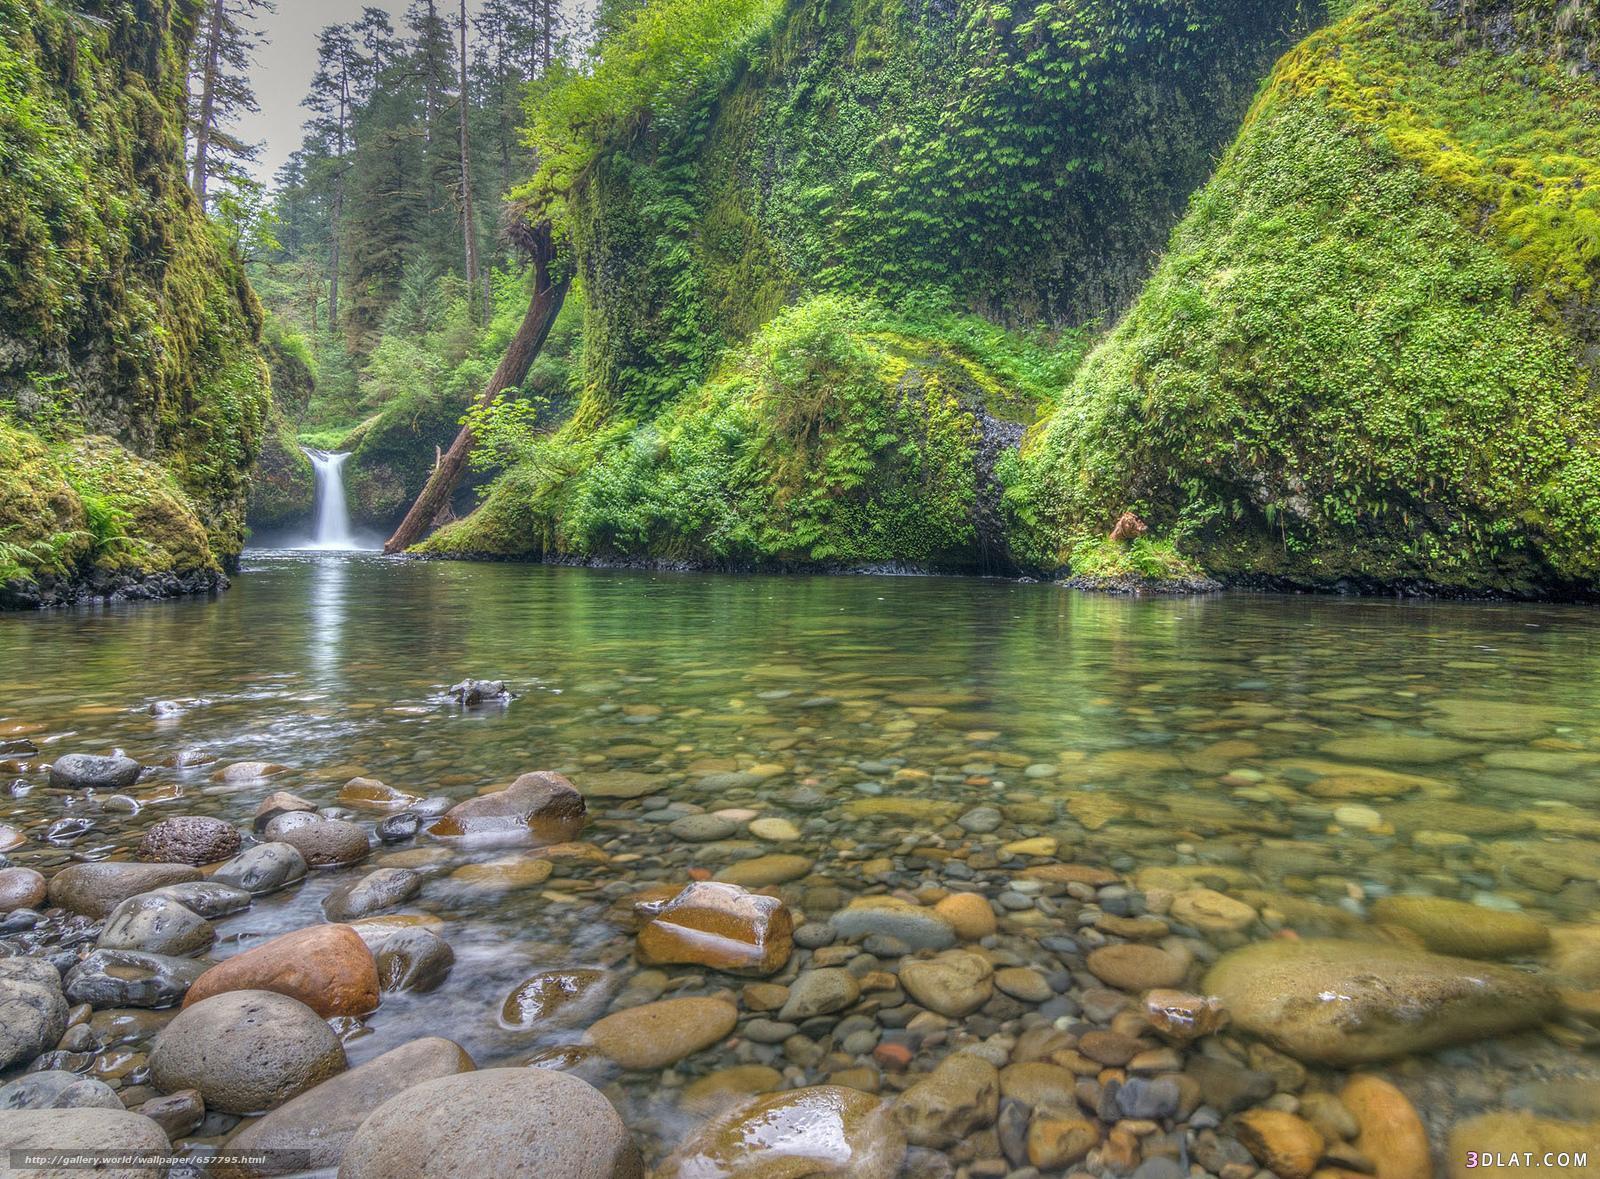 اجمل صور الطبيعة الخلابة 29